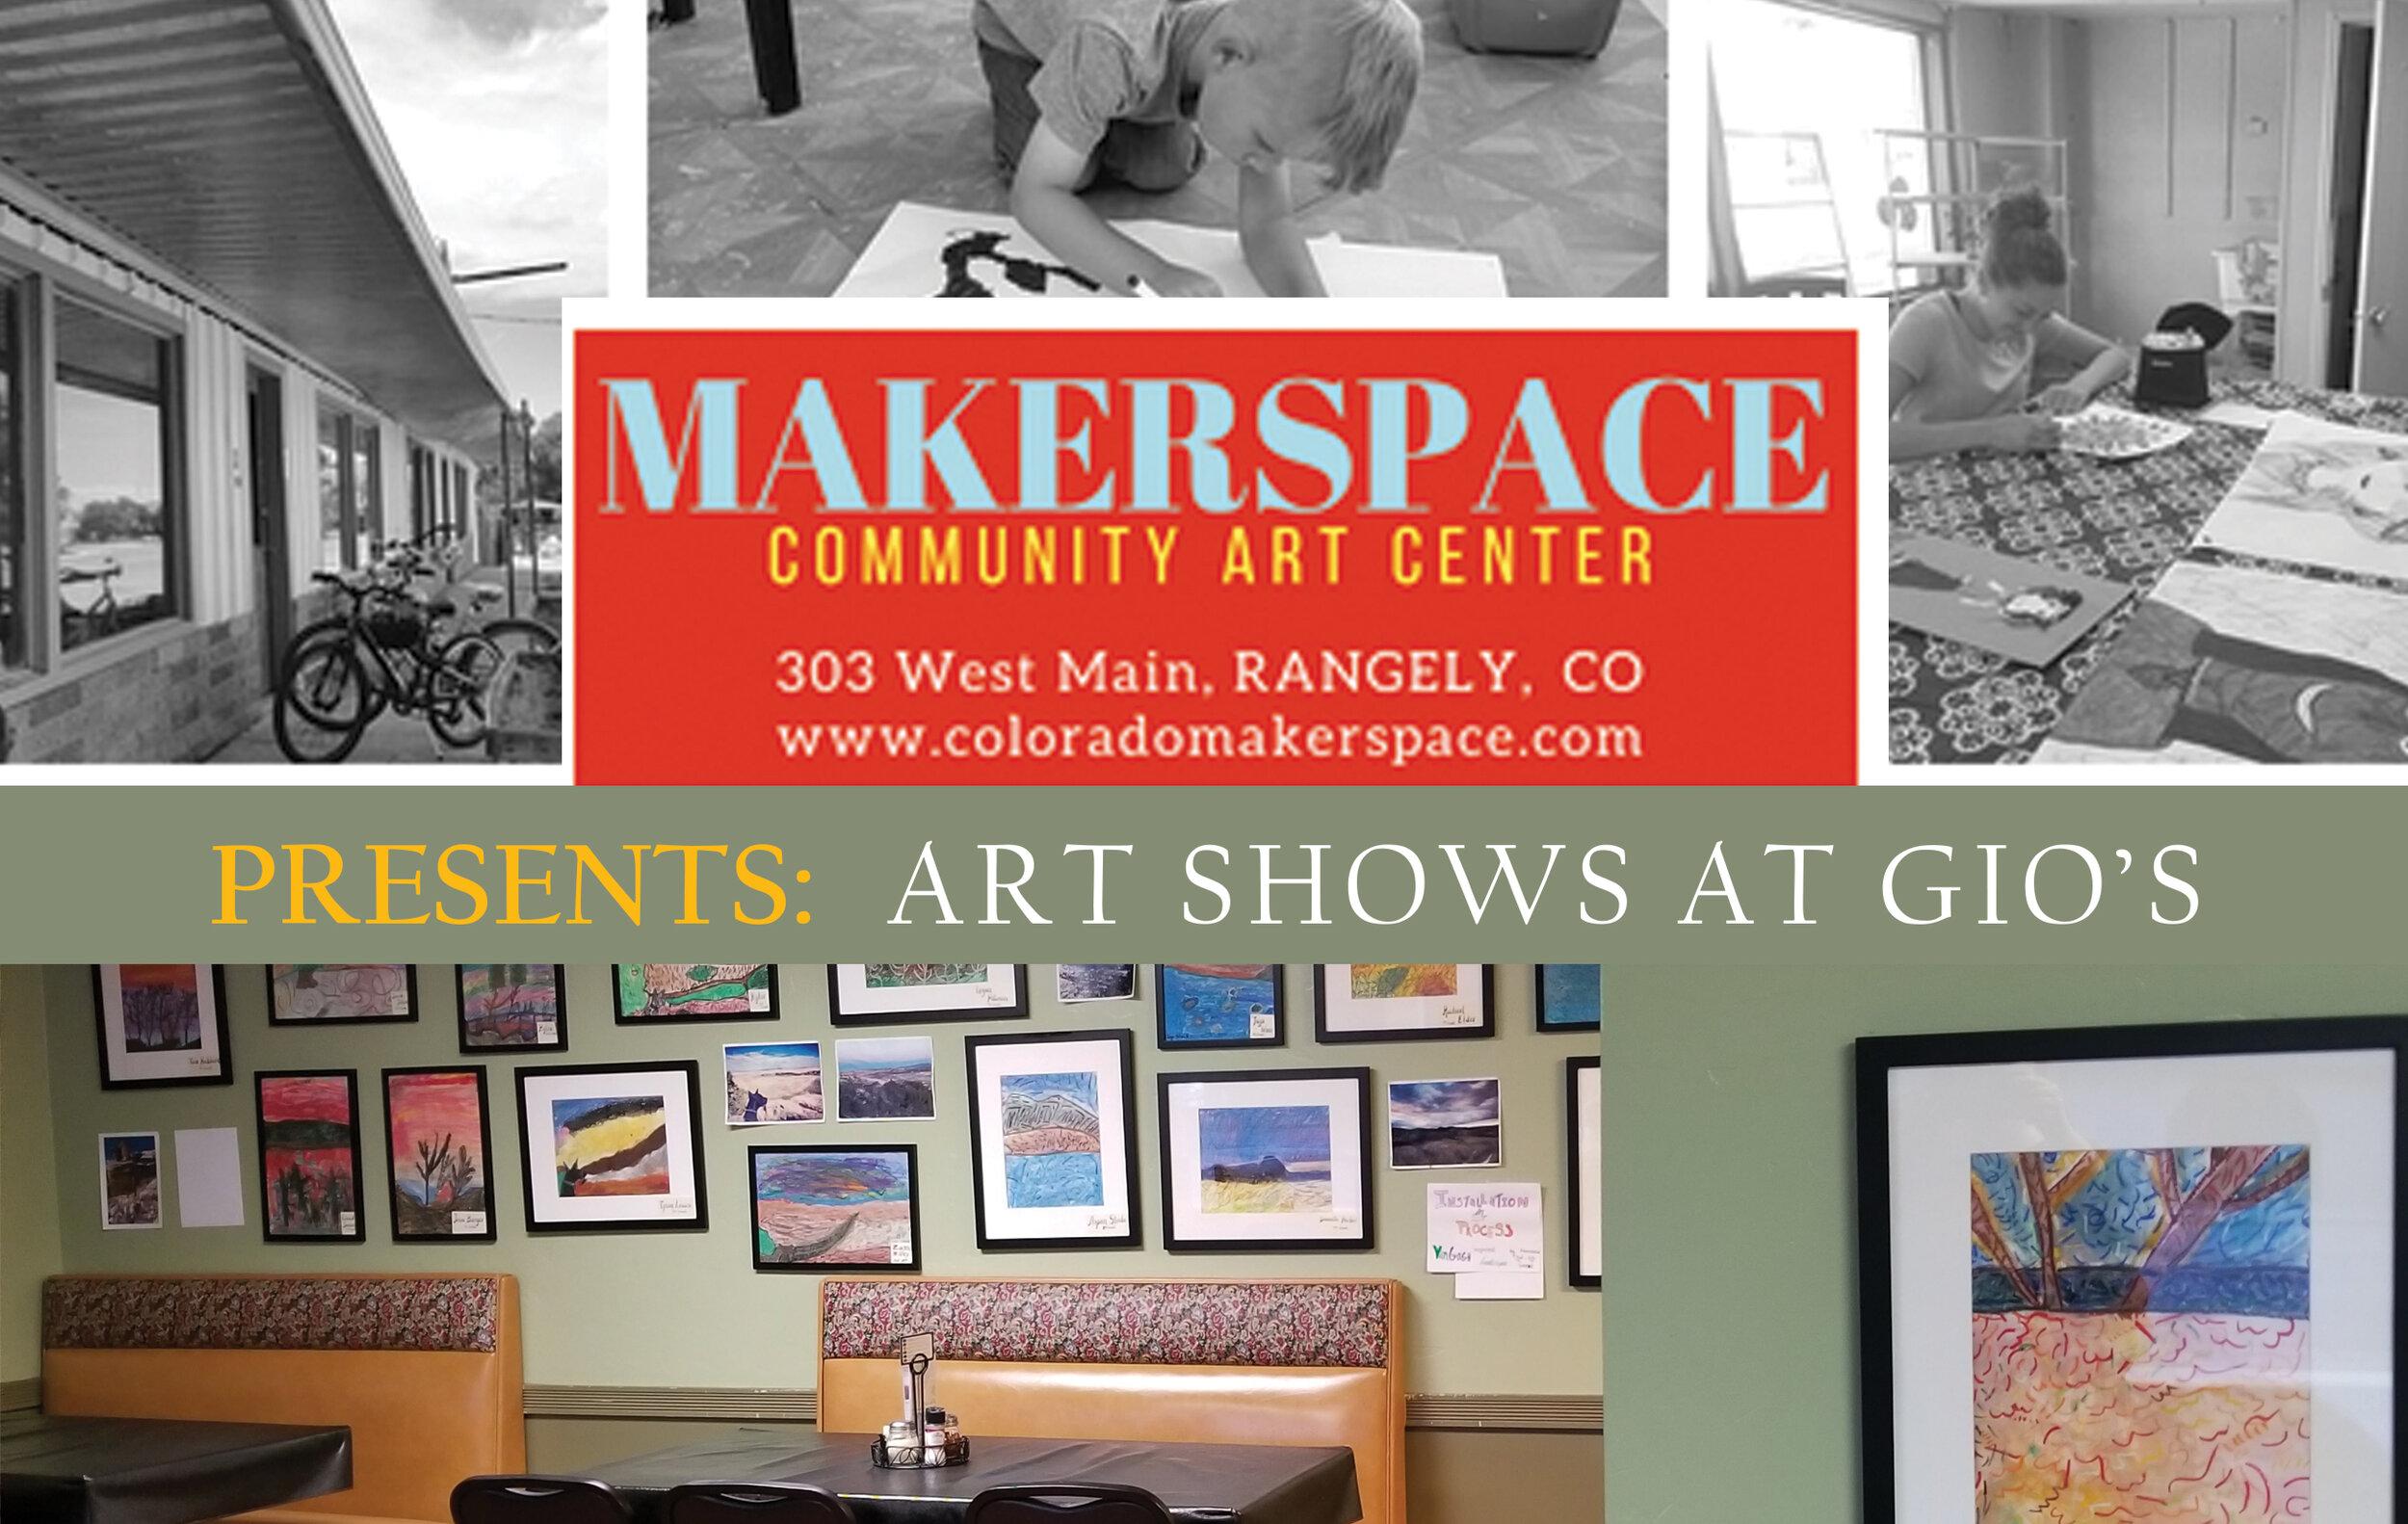 MakerSpace-banner-artshows.jpg